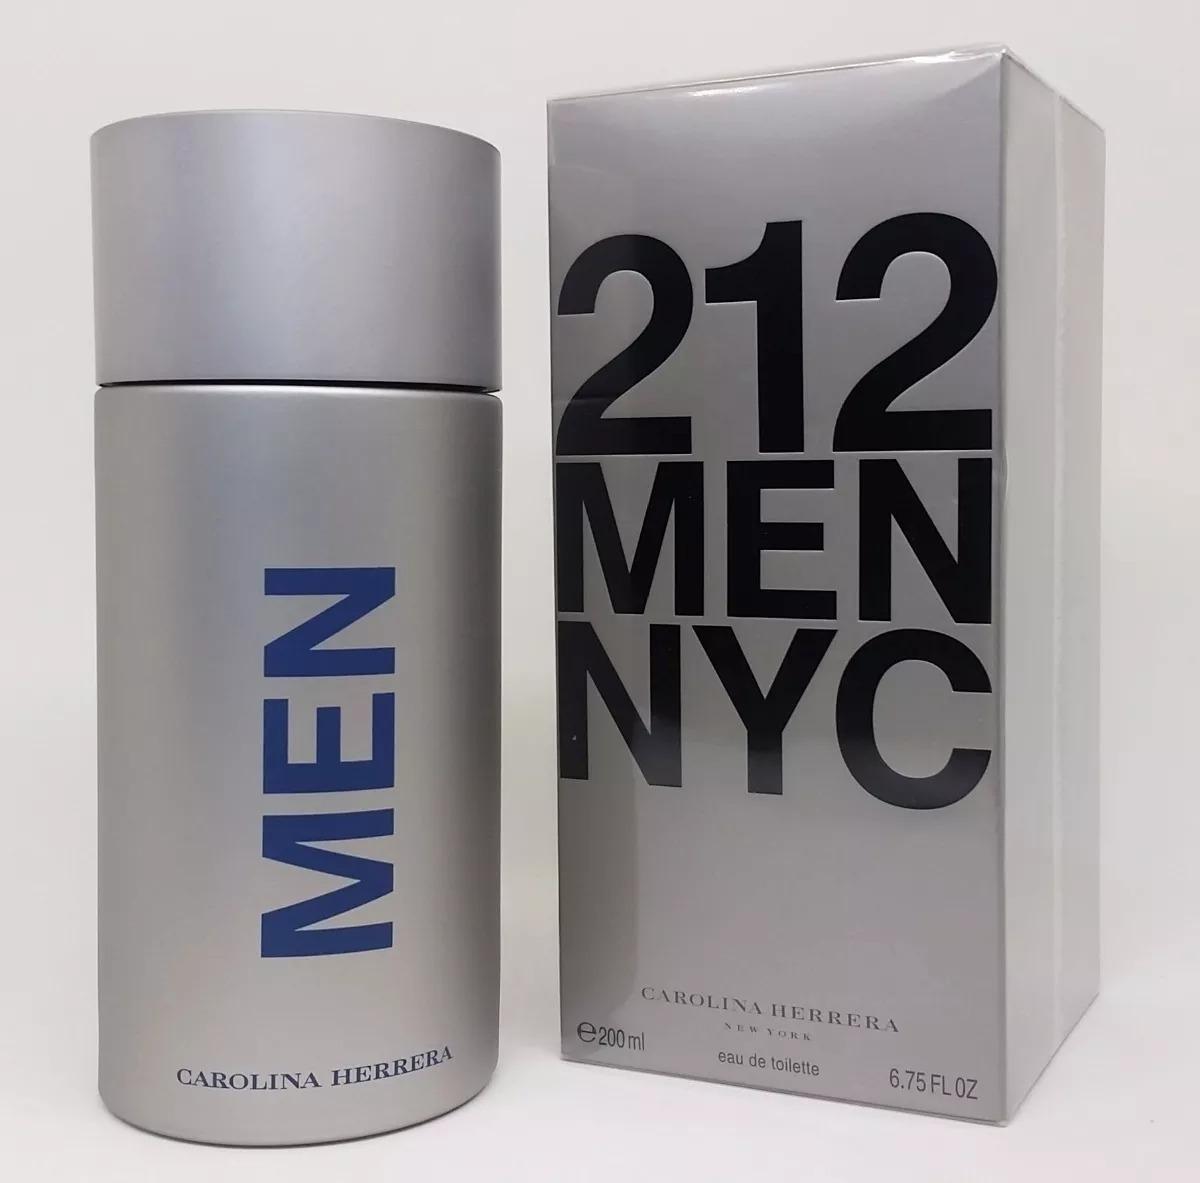 e05eb4dc0d perfume 212 men nyc carolina herrera edt 200ml original. Carregando zoom.